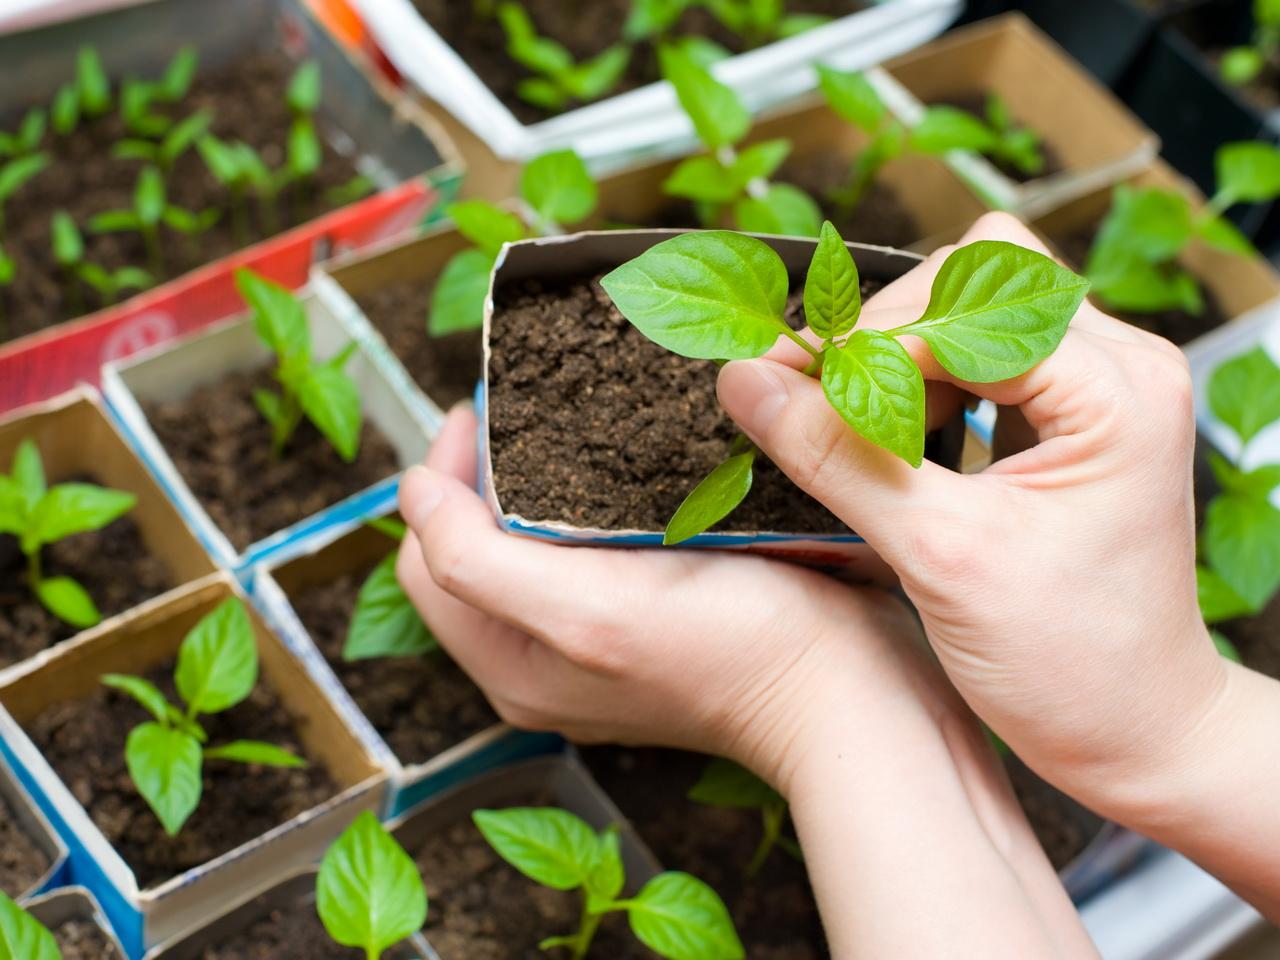 Поздняя весна: воронежский агроном рассказал, как спасти рассаду